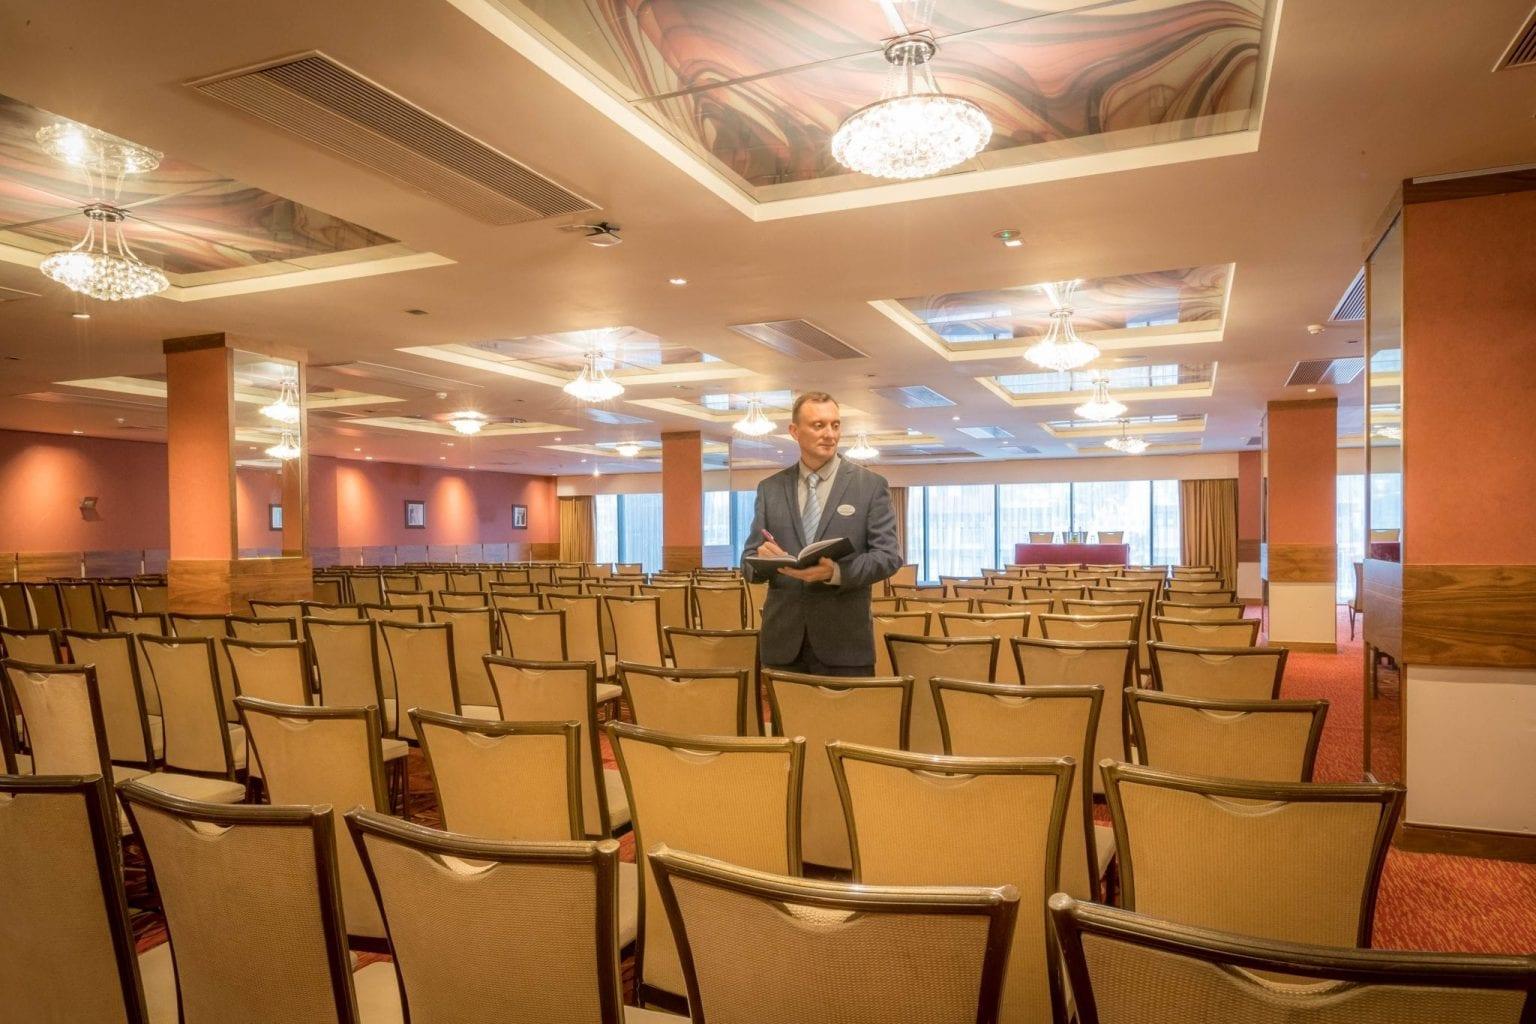 Maldron Hotel Tallaght conferences